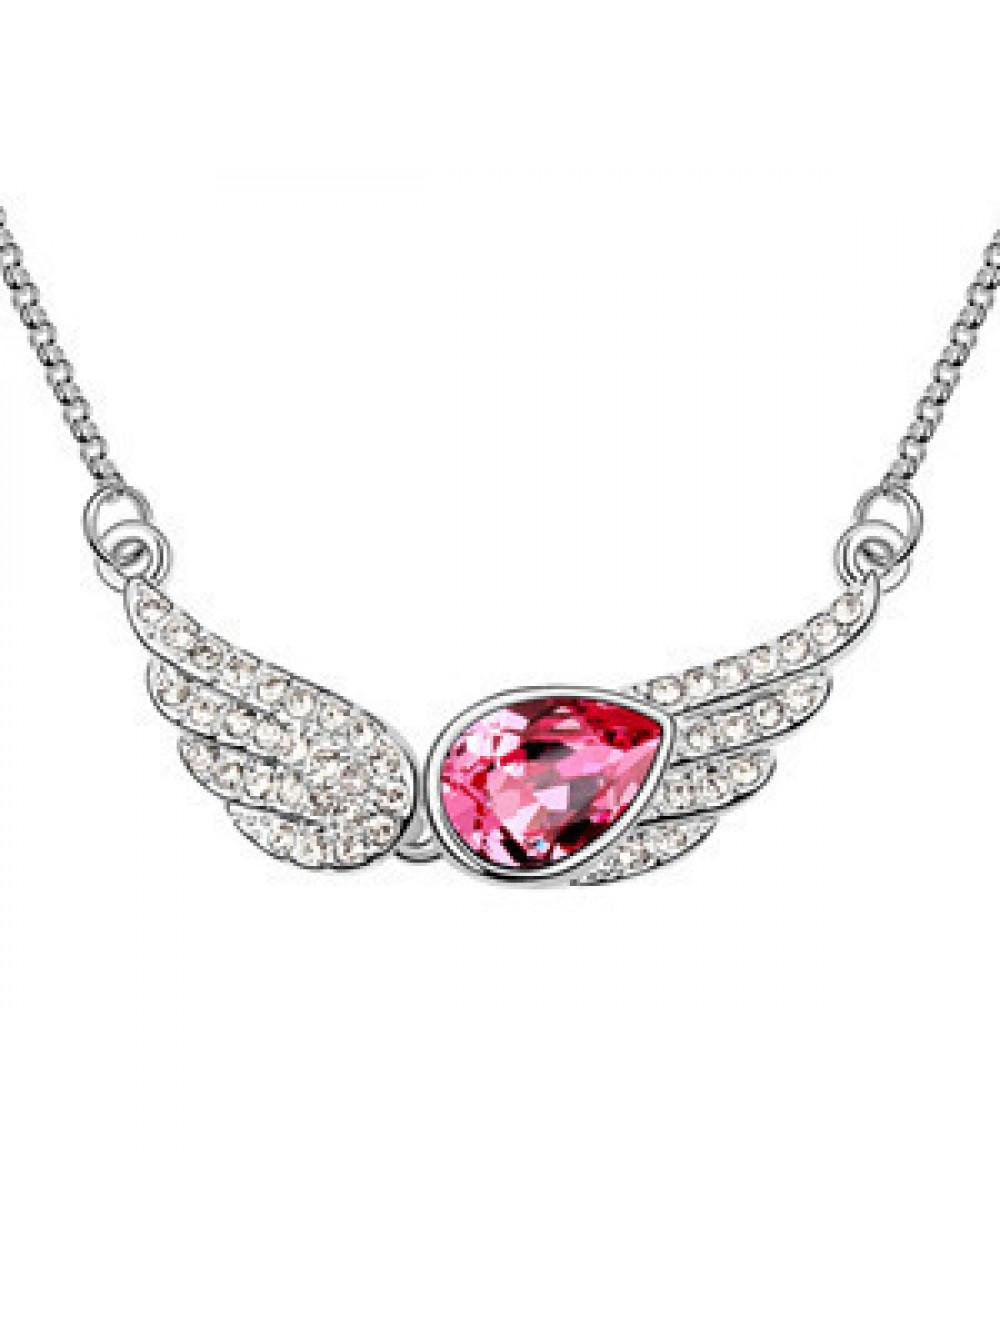 Anjelské krídla náhrdelník s príveskom